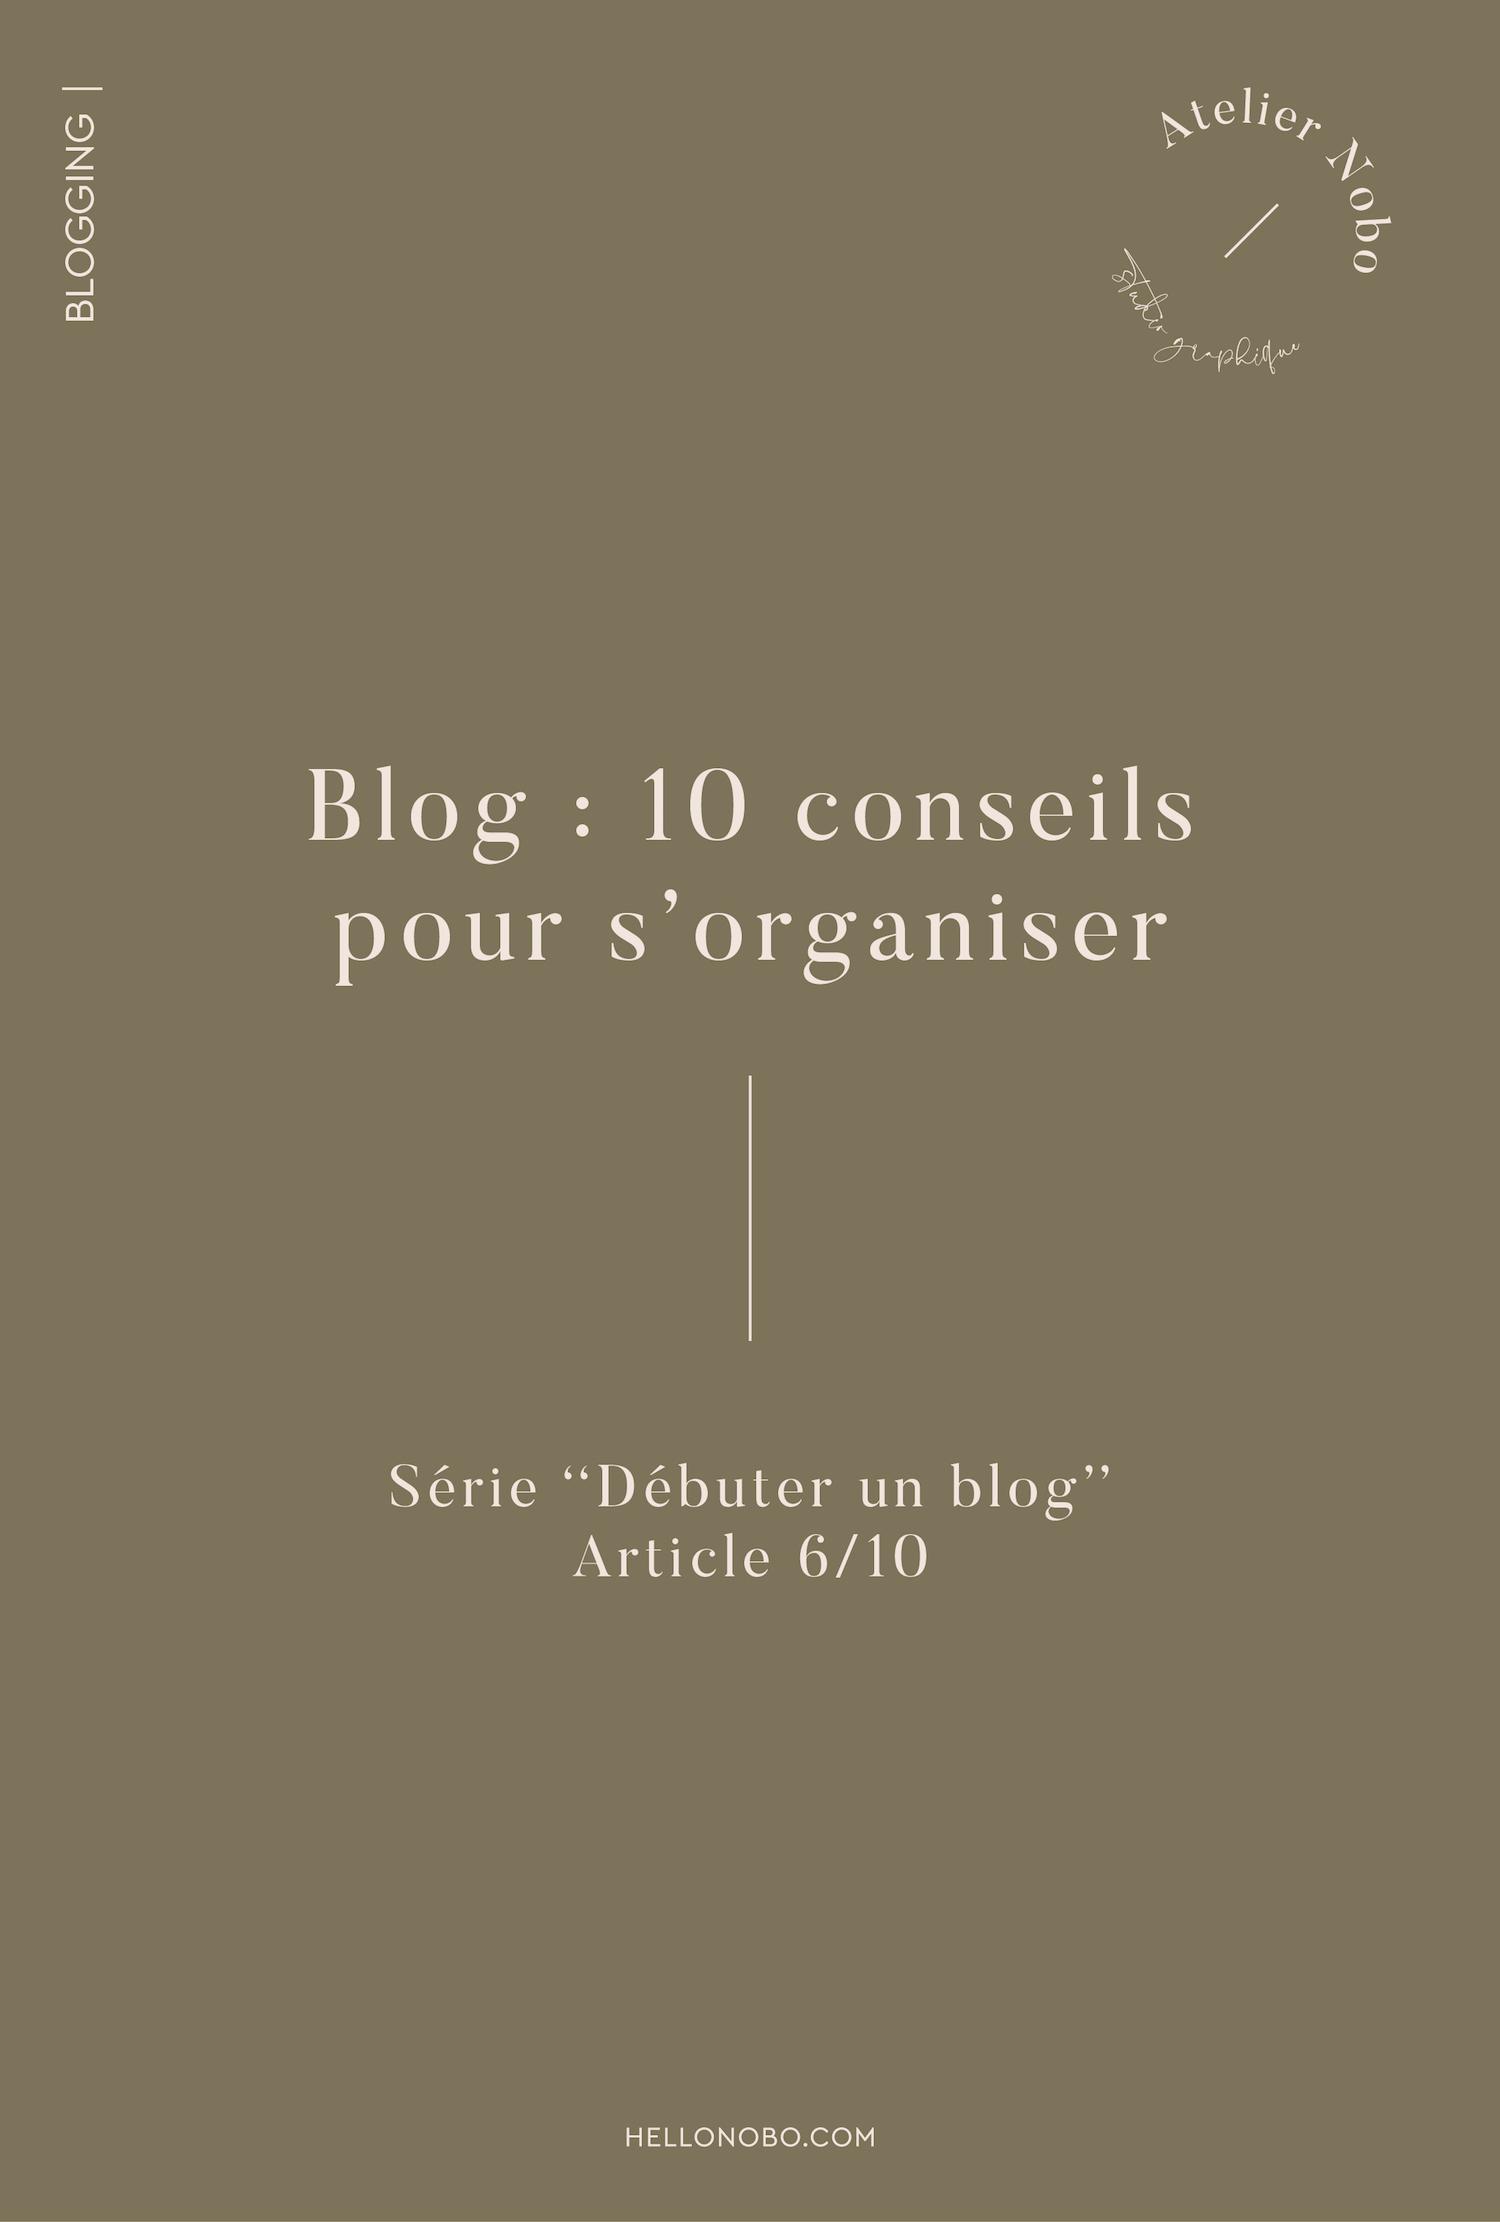 10 conseils pour s'organiser - Hellonobo.com